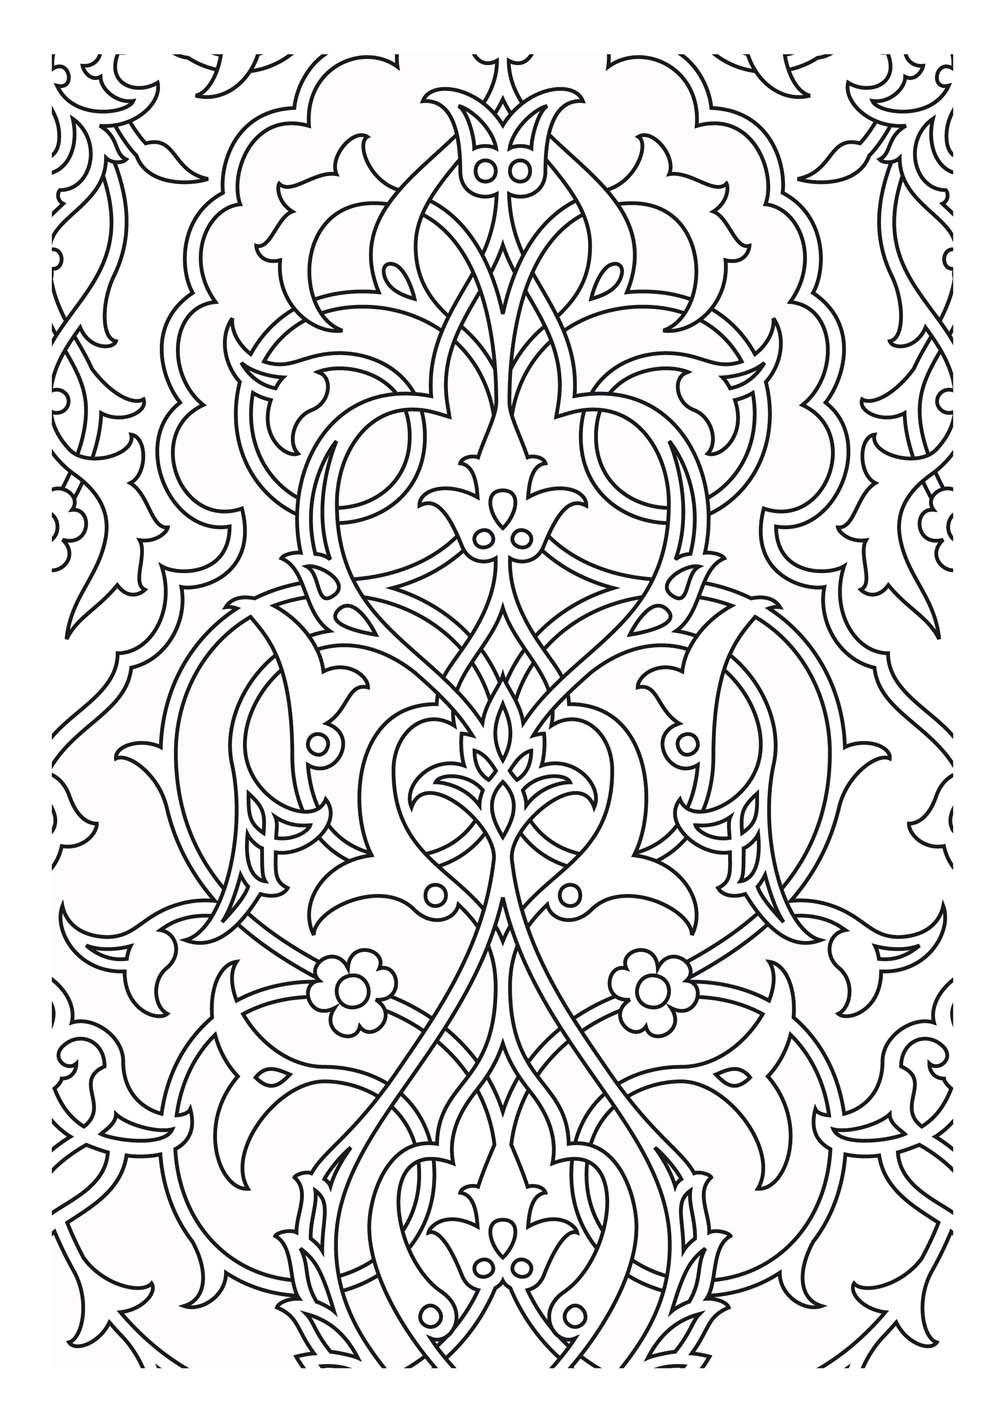 Disegni da colorare per adulti : Mondi dacqua - 16